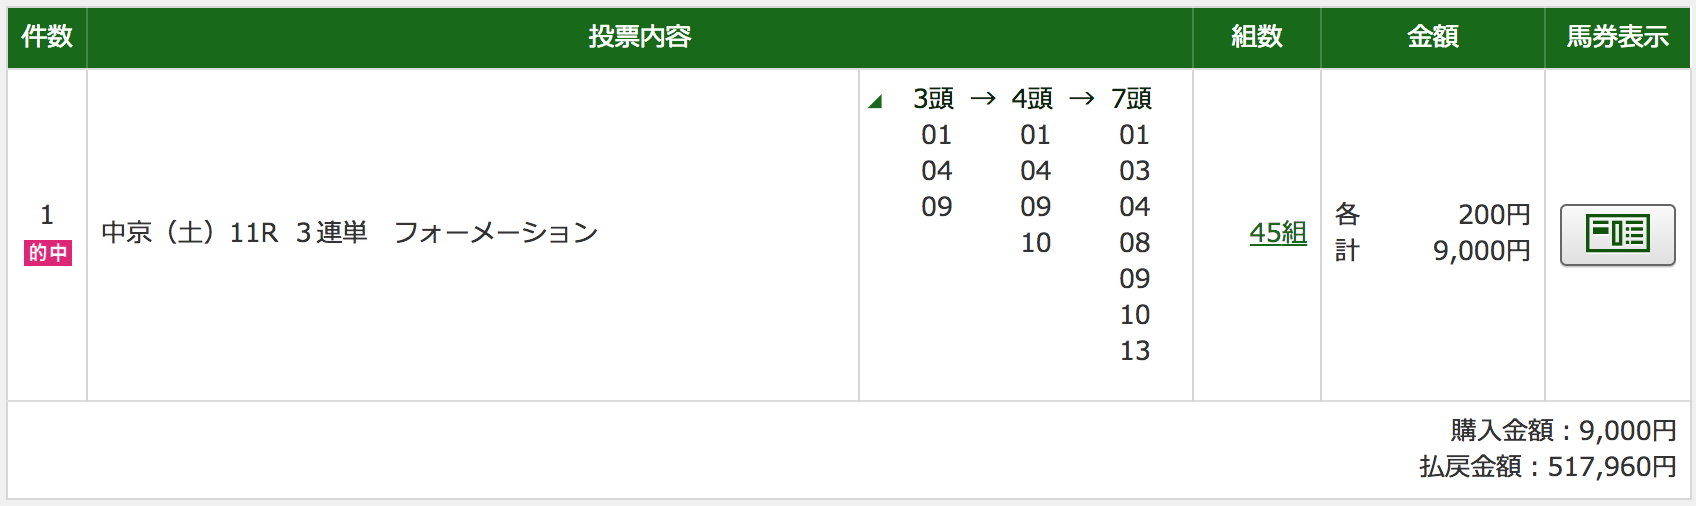 函館 記念 2019 予想